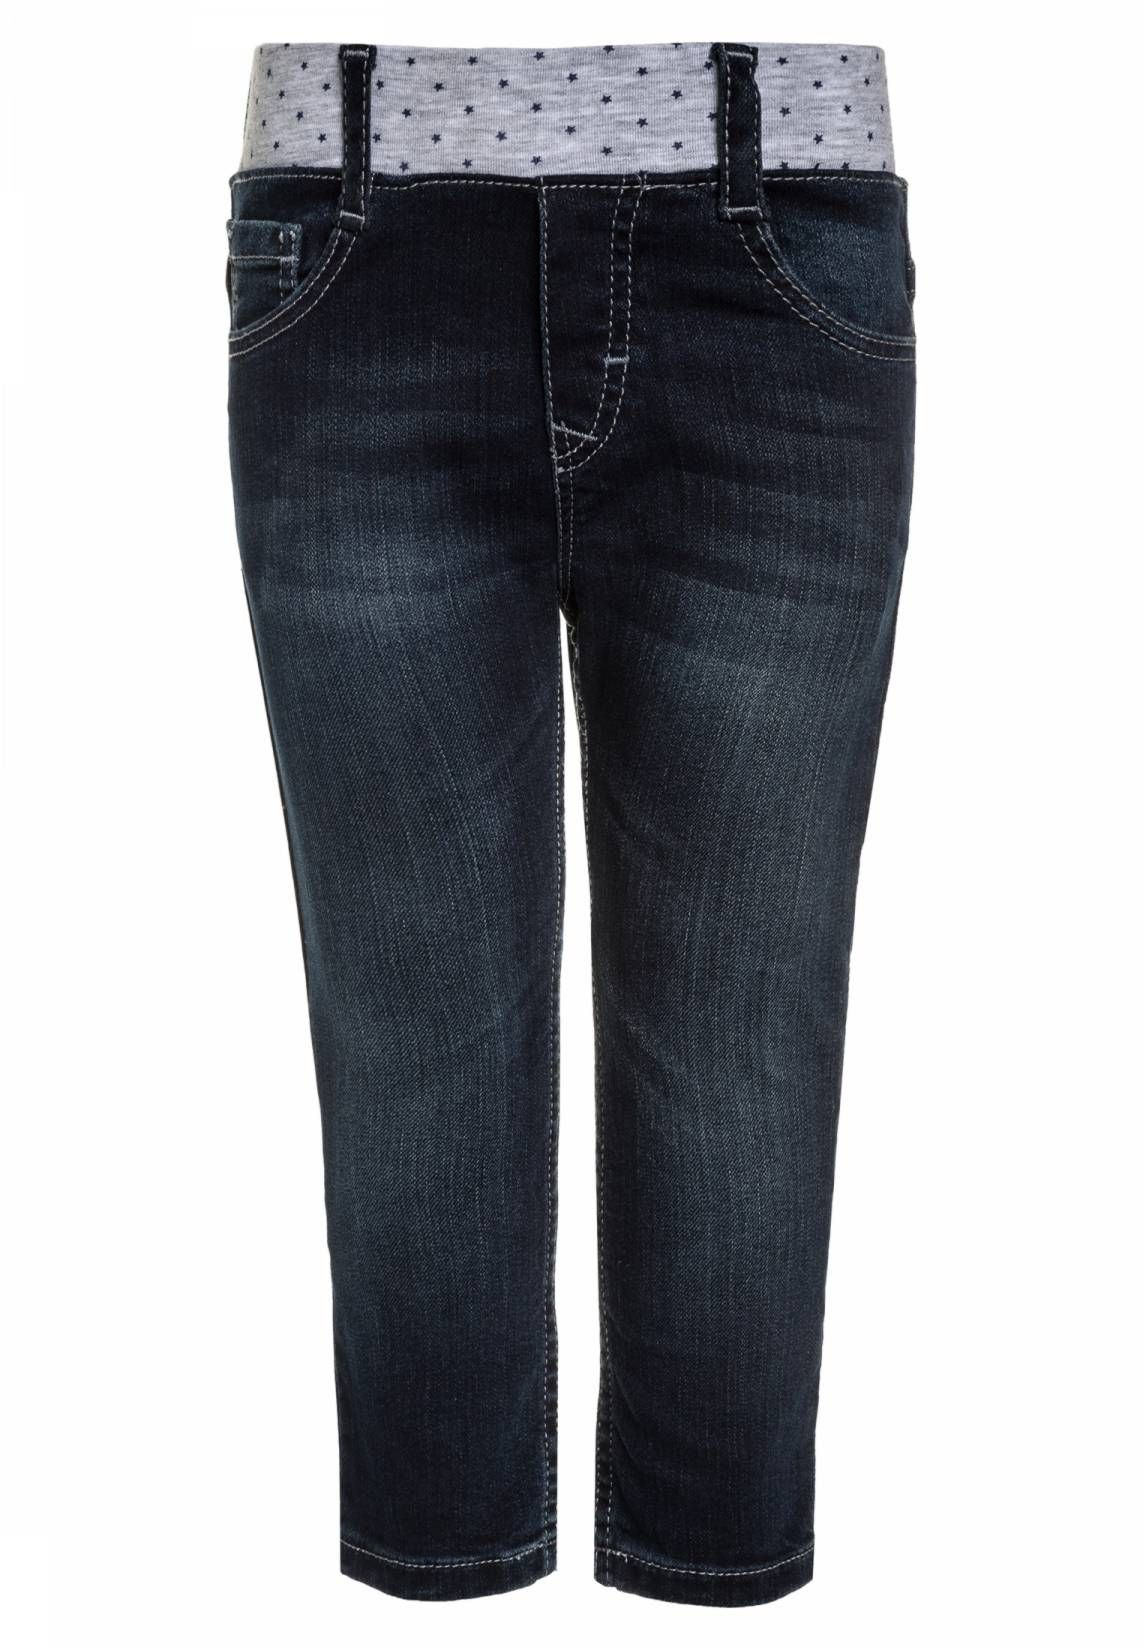 Levi's®. MANY - Jeans Straight Leg - indigo. Details:elastischer Bund. Beininnenlänge:36 cm bei Größe 98. Hosentaschen:Gesäßtaschen,Seitentaschen. Passform:Straight Leg. Material Oberstoff:79% Baumwolle, 20% Elastomultiester, 1% Elasthan. Pfl...